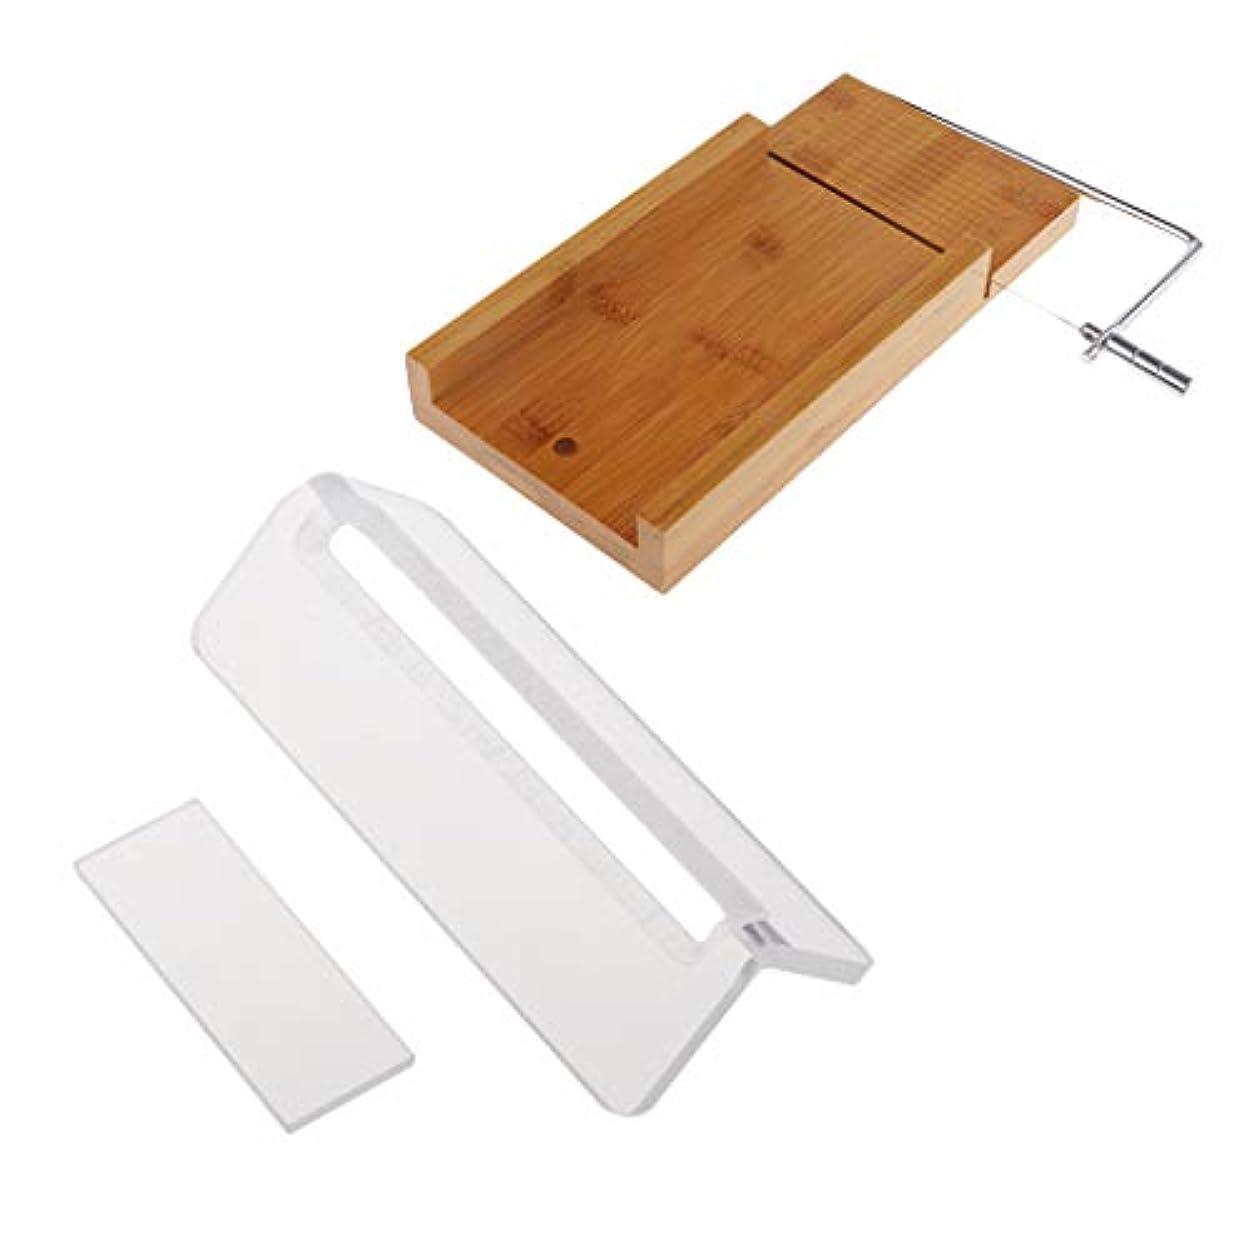 記憶どこにでもセミナー木製 石鹸カッター 石けん 包丁 せっけんカッター ソープカッター チーズカッター 多機能 丈夫 2個入り